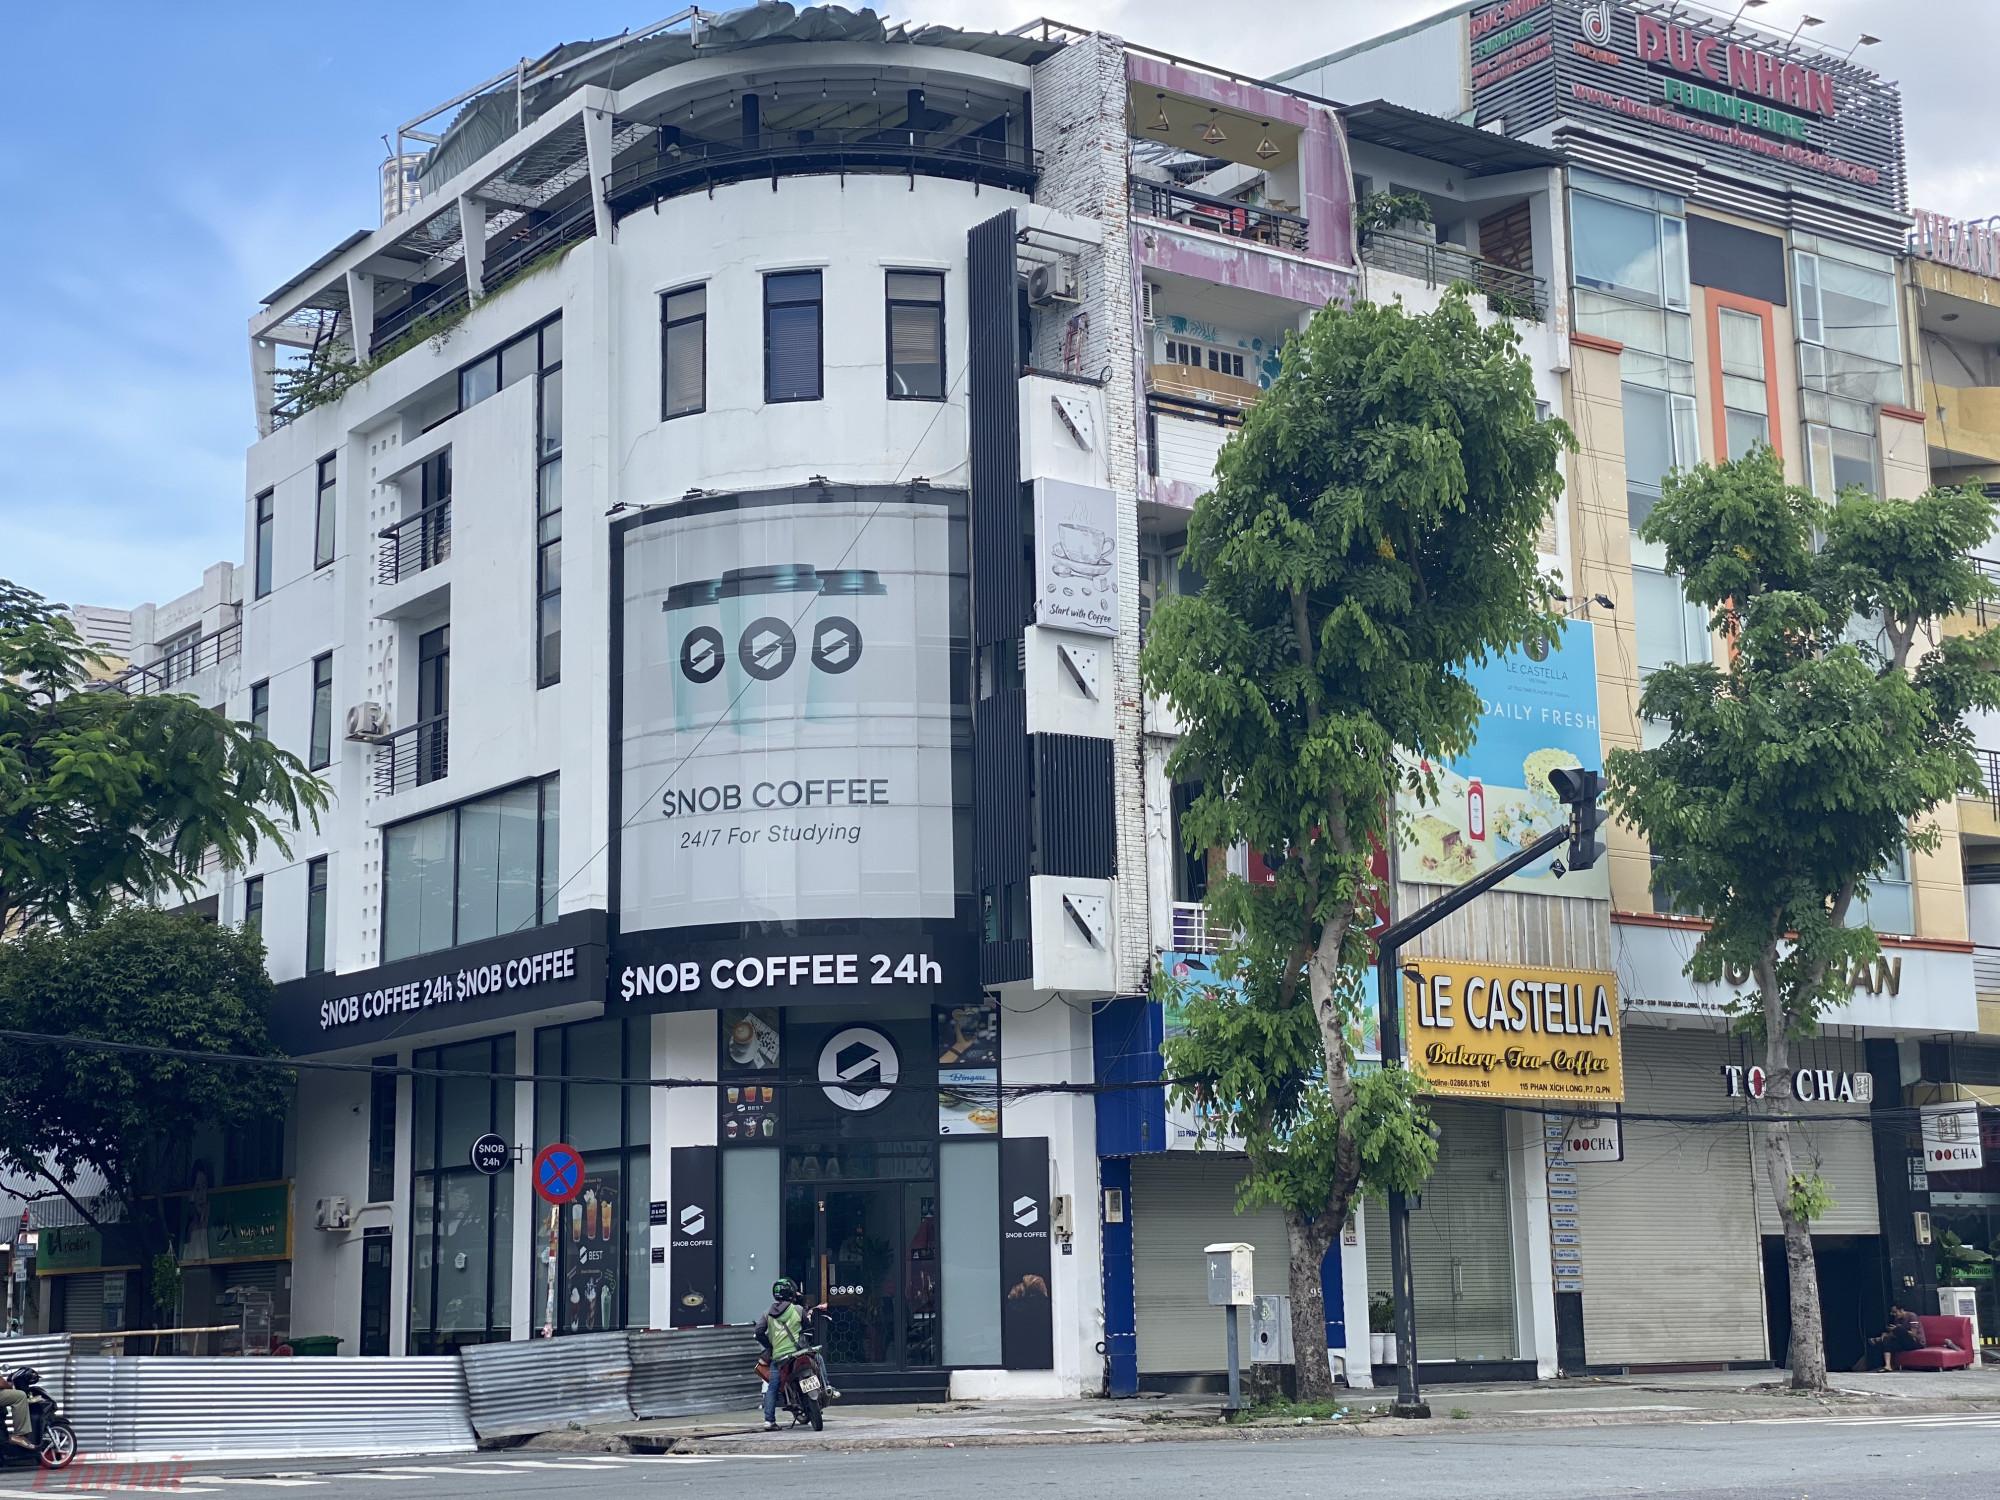 Theo ghi nhận của phóng viên báo Phụ Nữ TPHCM trong sáng nay (22/9) nhiều hàng quán tại các cung đường ăn uống như: Phan Xích Long, Phan Đình Phùng (Quận Phú Nhuận), đã mở của kinh doanh trở lại, đa